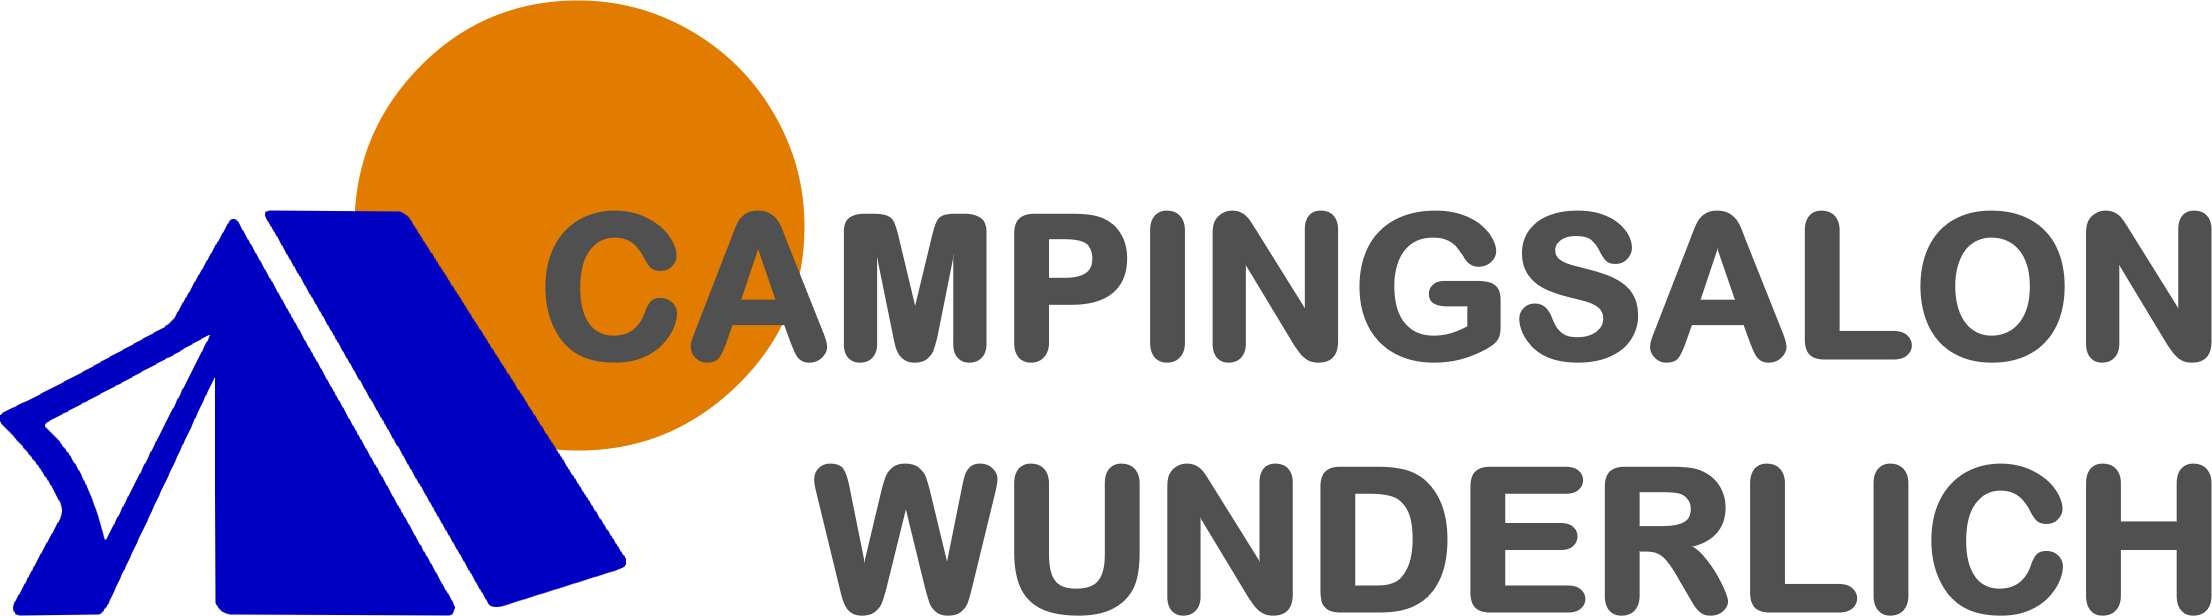 Campingsalon Wunderlich